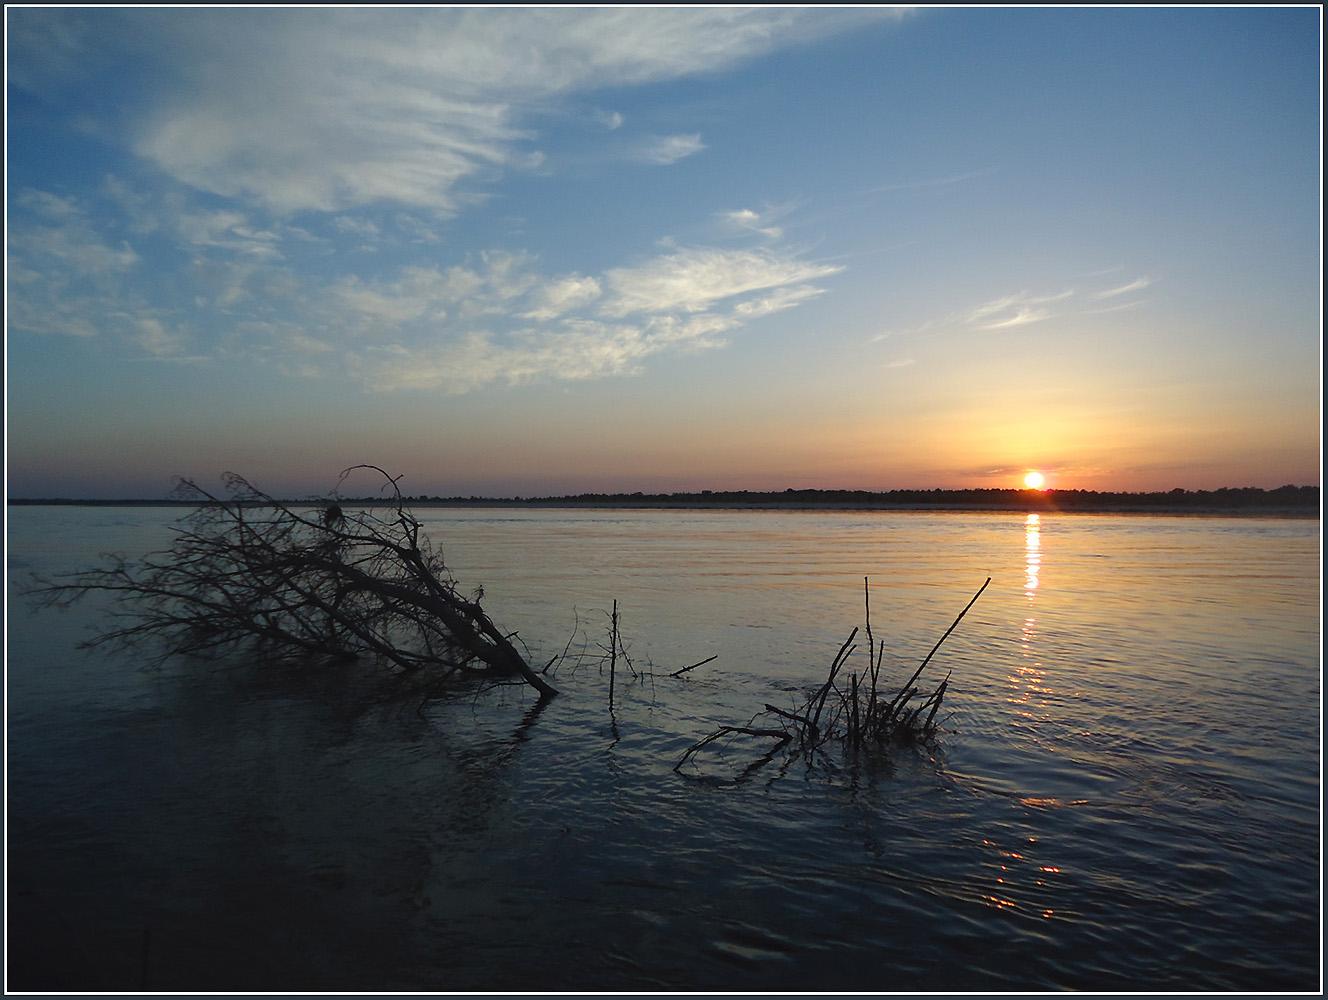 """фото """"Уходящий за Волгу октябрьский день ..."""" метки: пейзаж, путешествия, природа, вода, закат, облака, осень, река"""